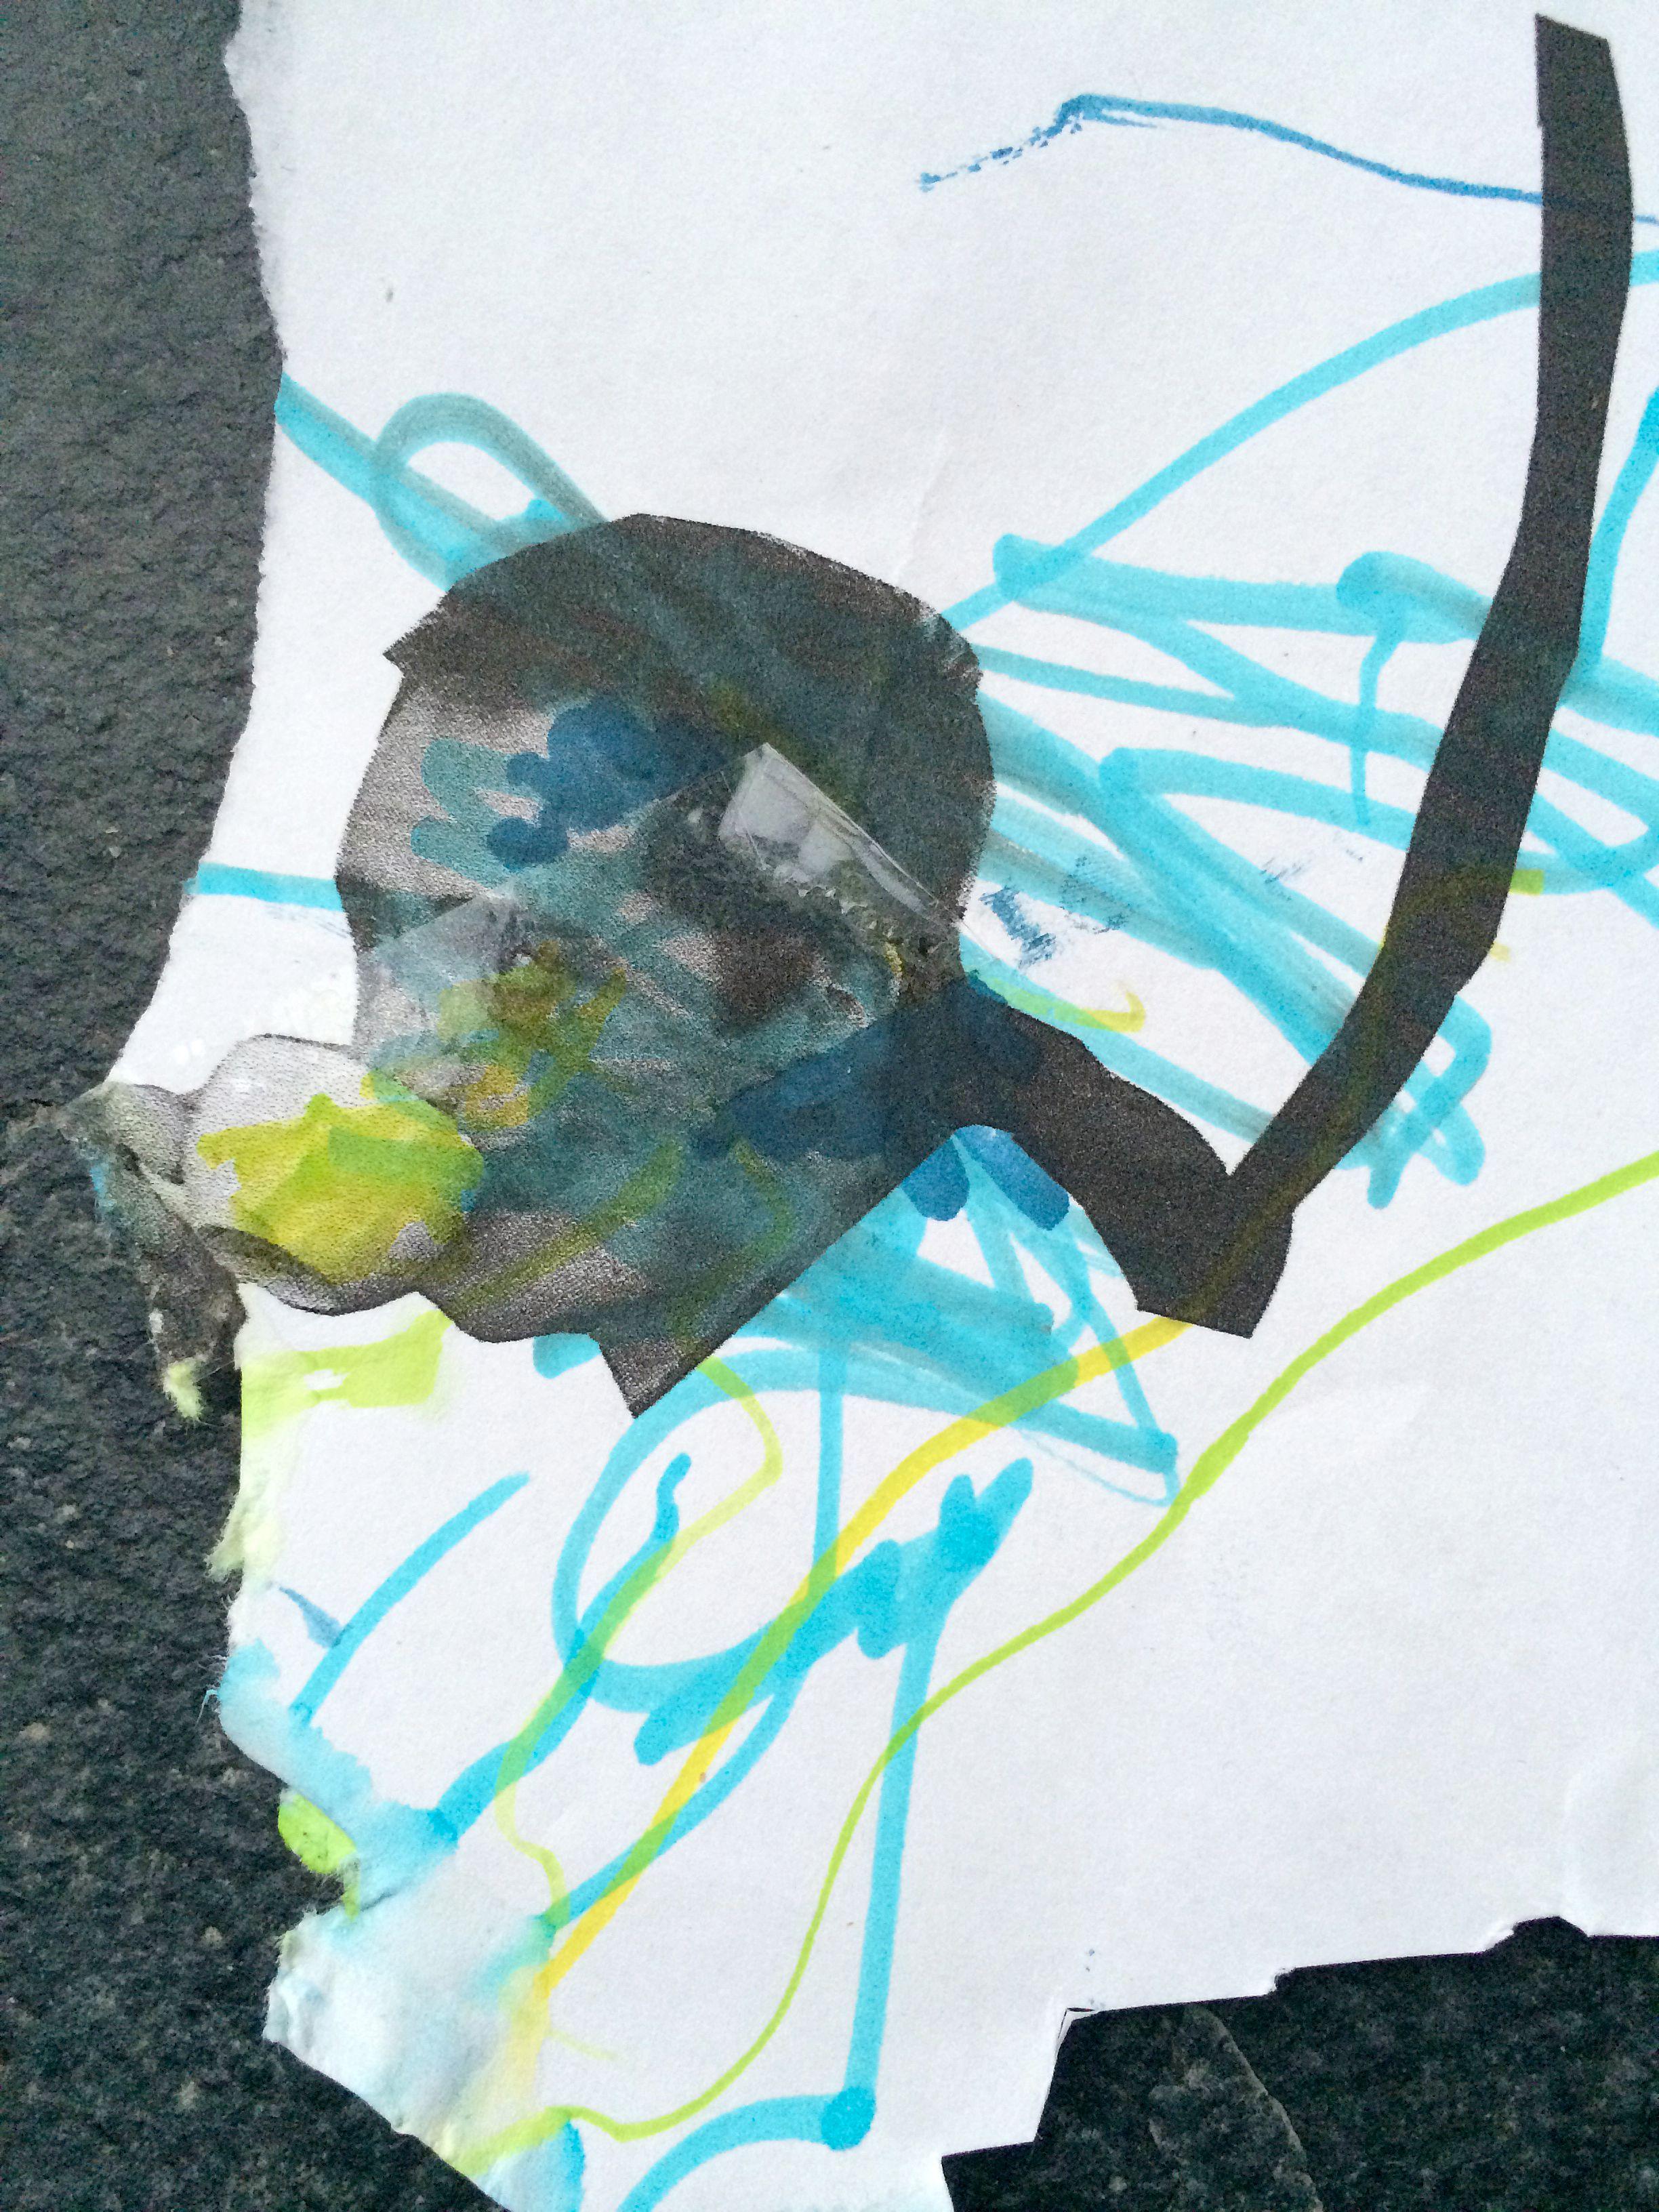 afmaak tekening - associatief tekenen - kindervermaak  http://www.warrelwater.nl